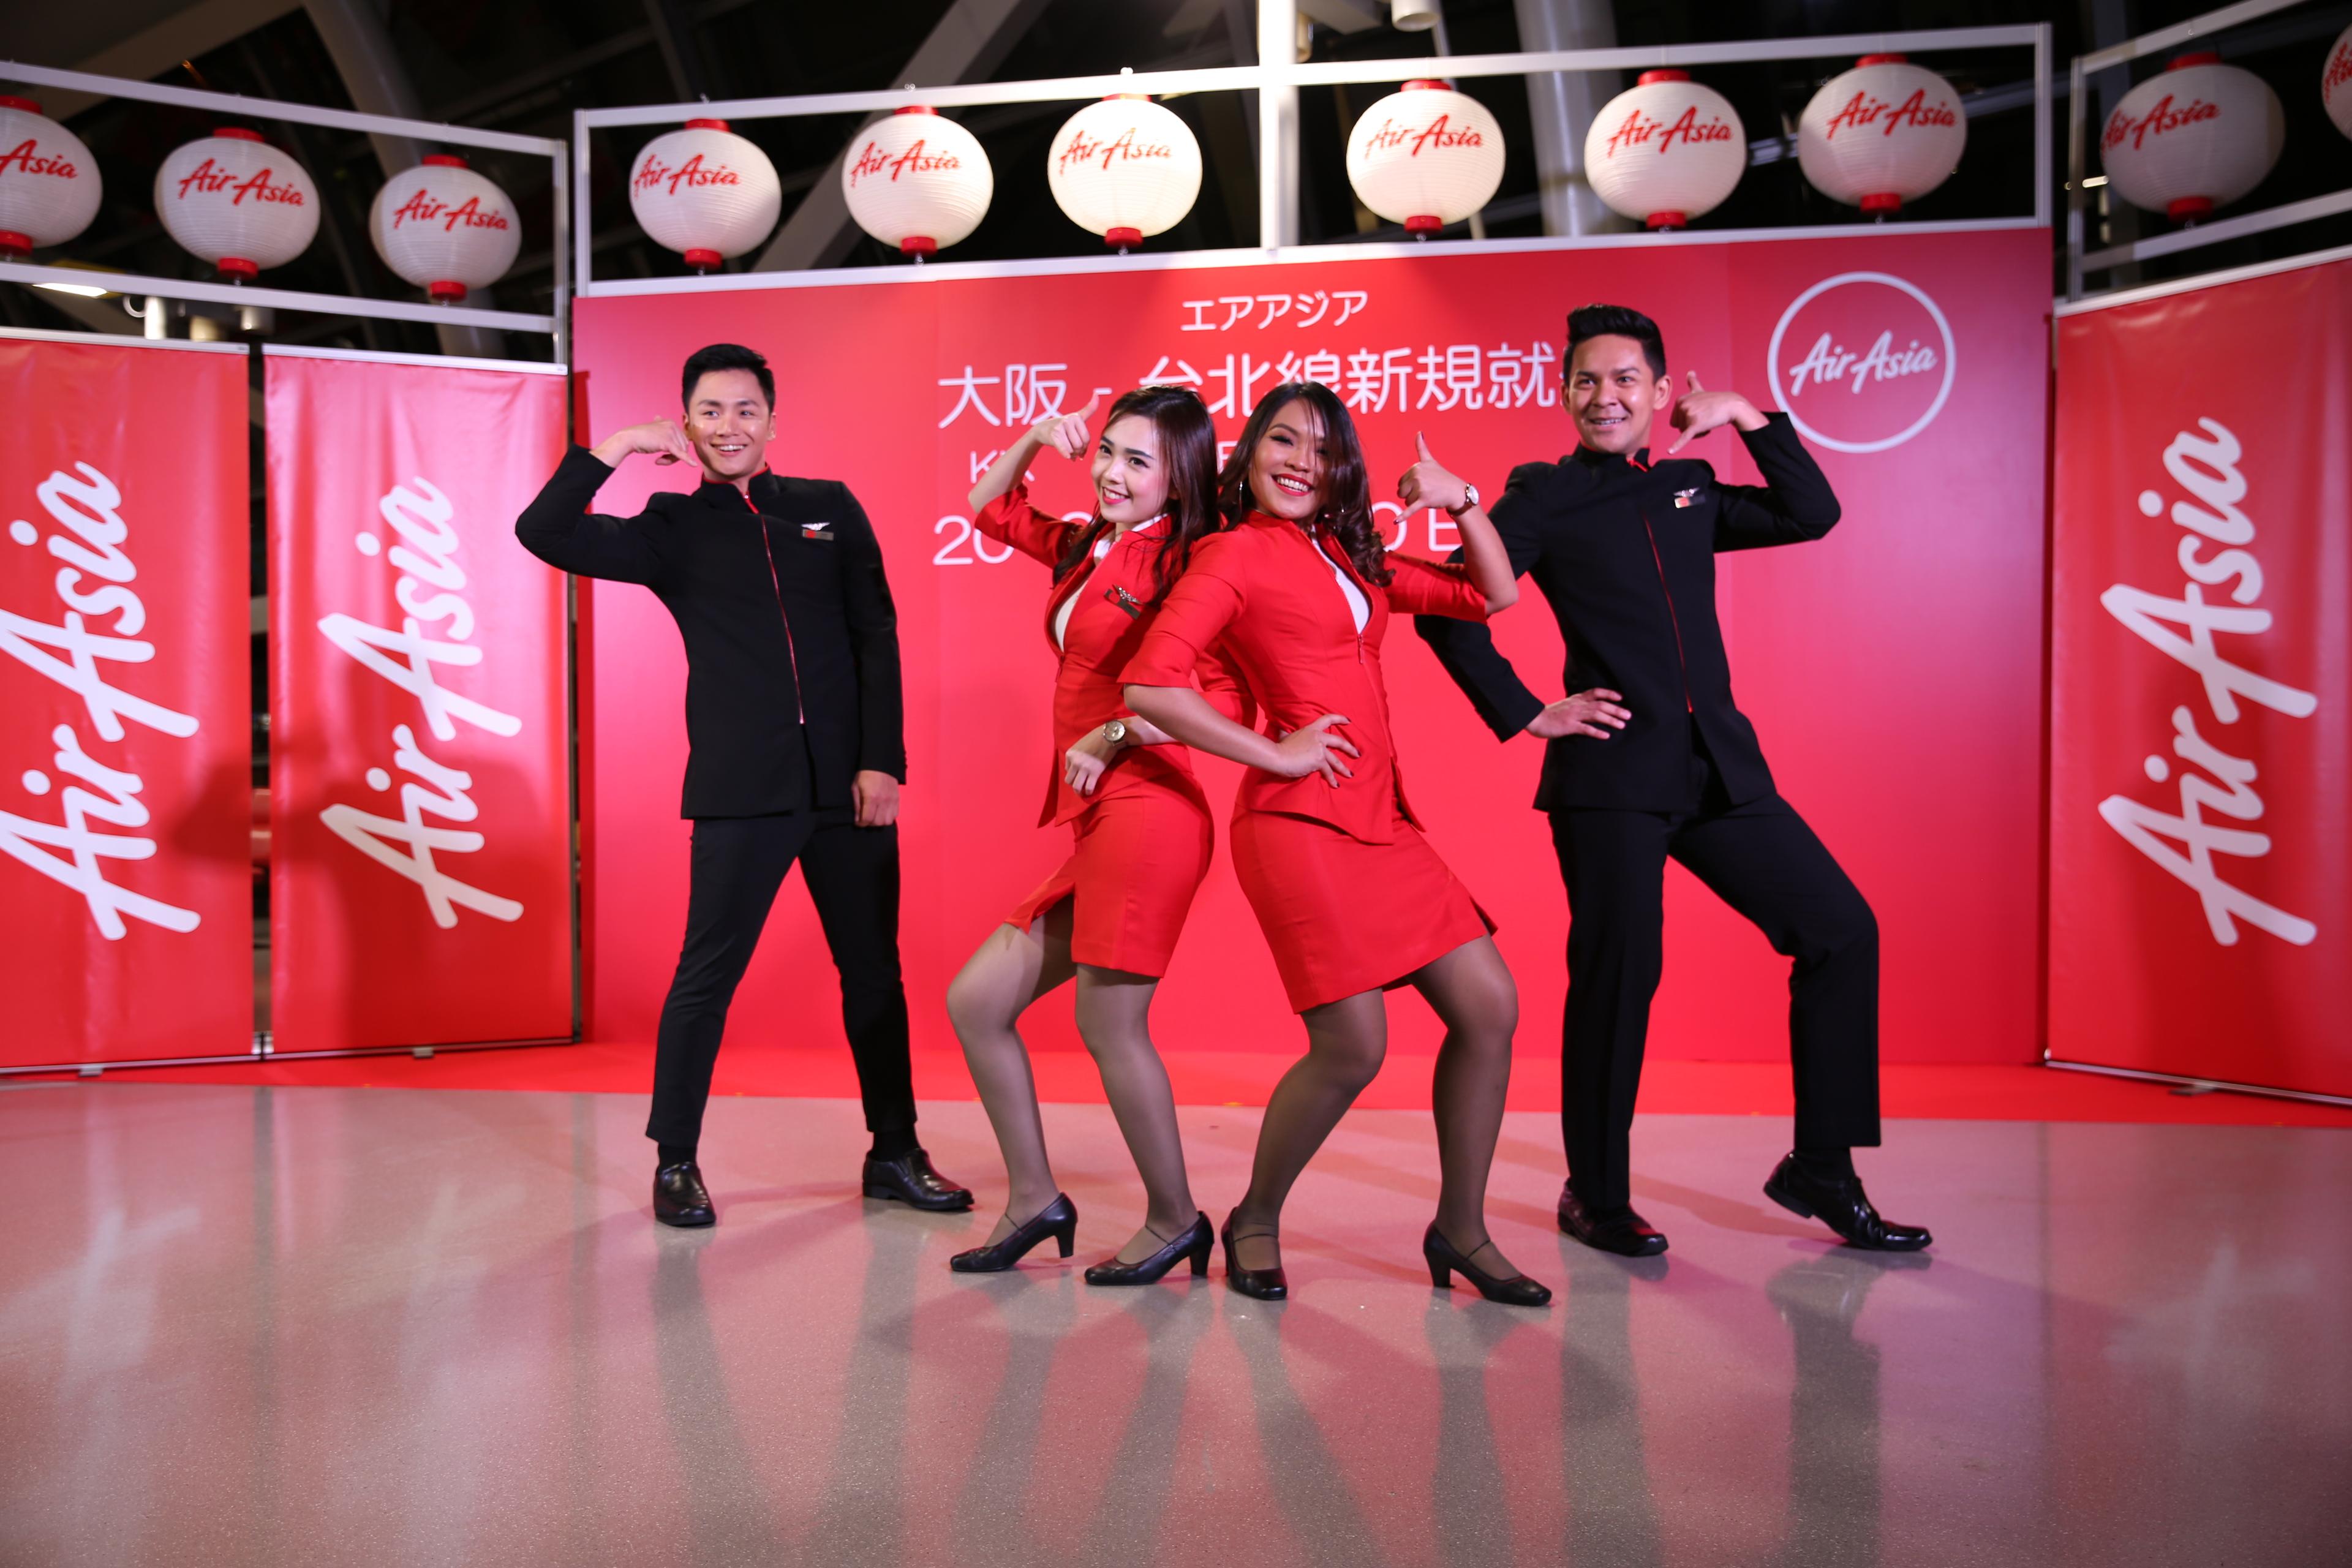 エアアジアXファンチームのダンスパフォーマンス